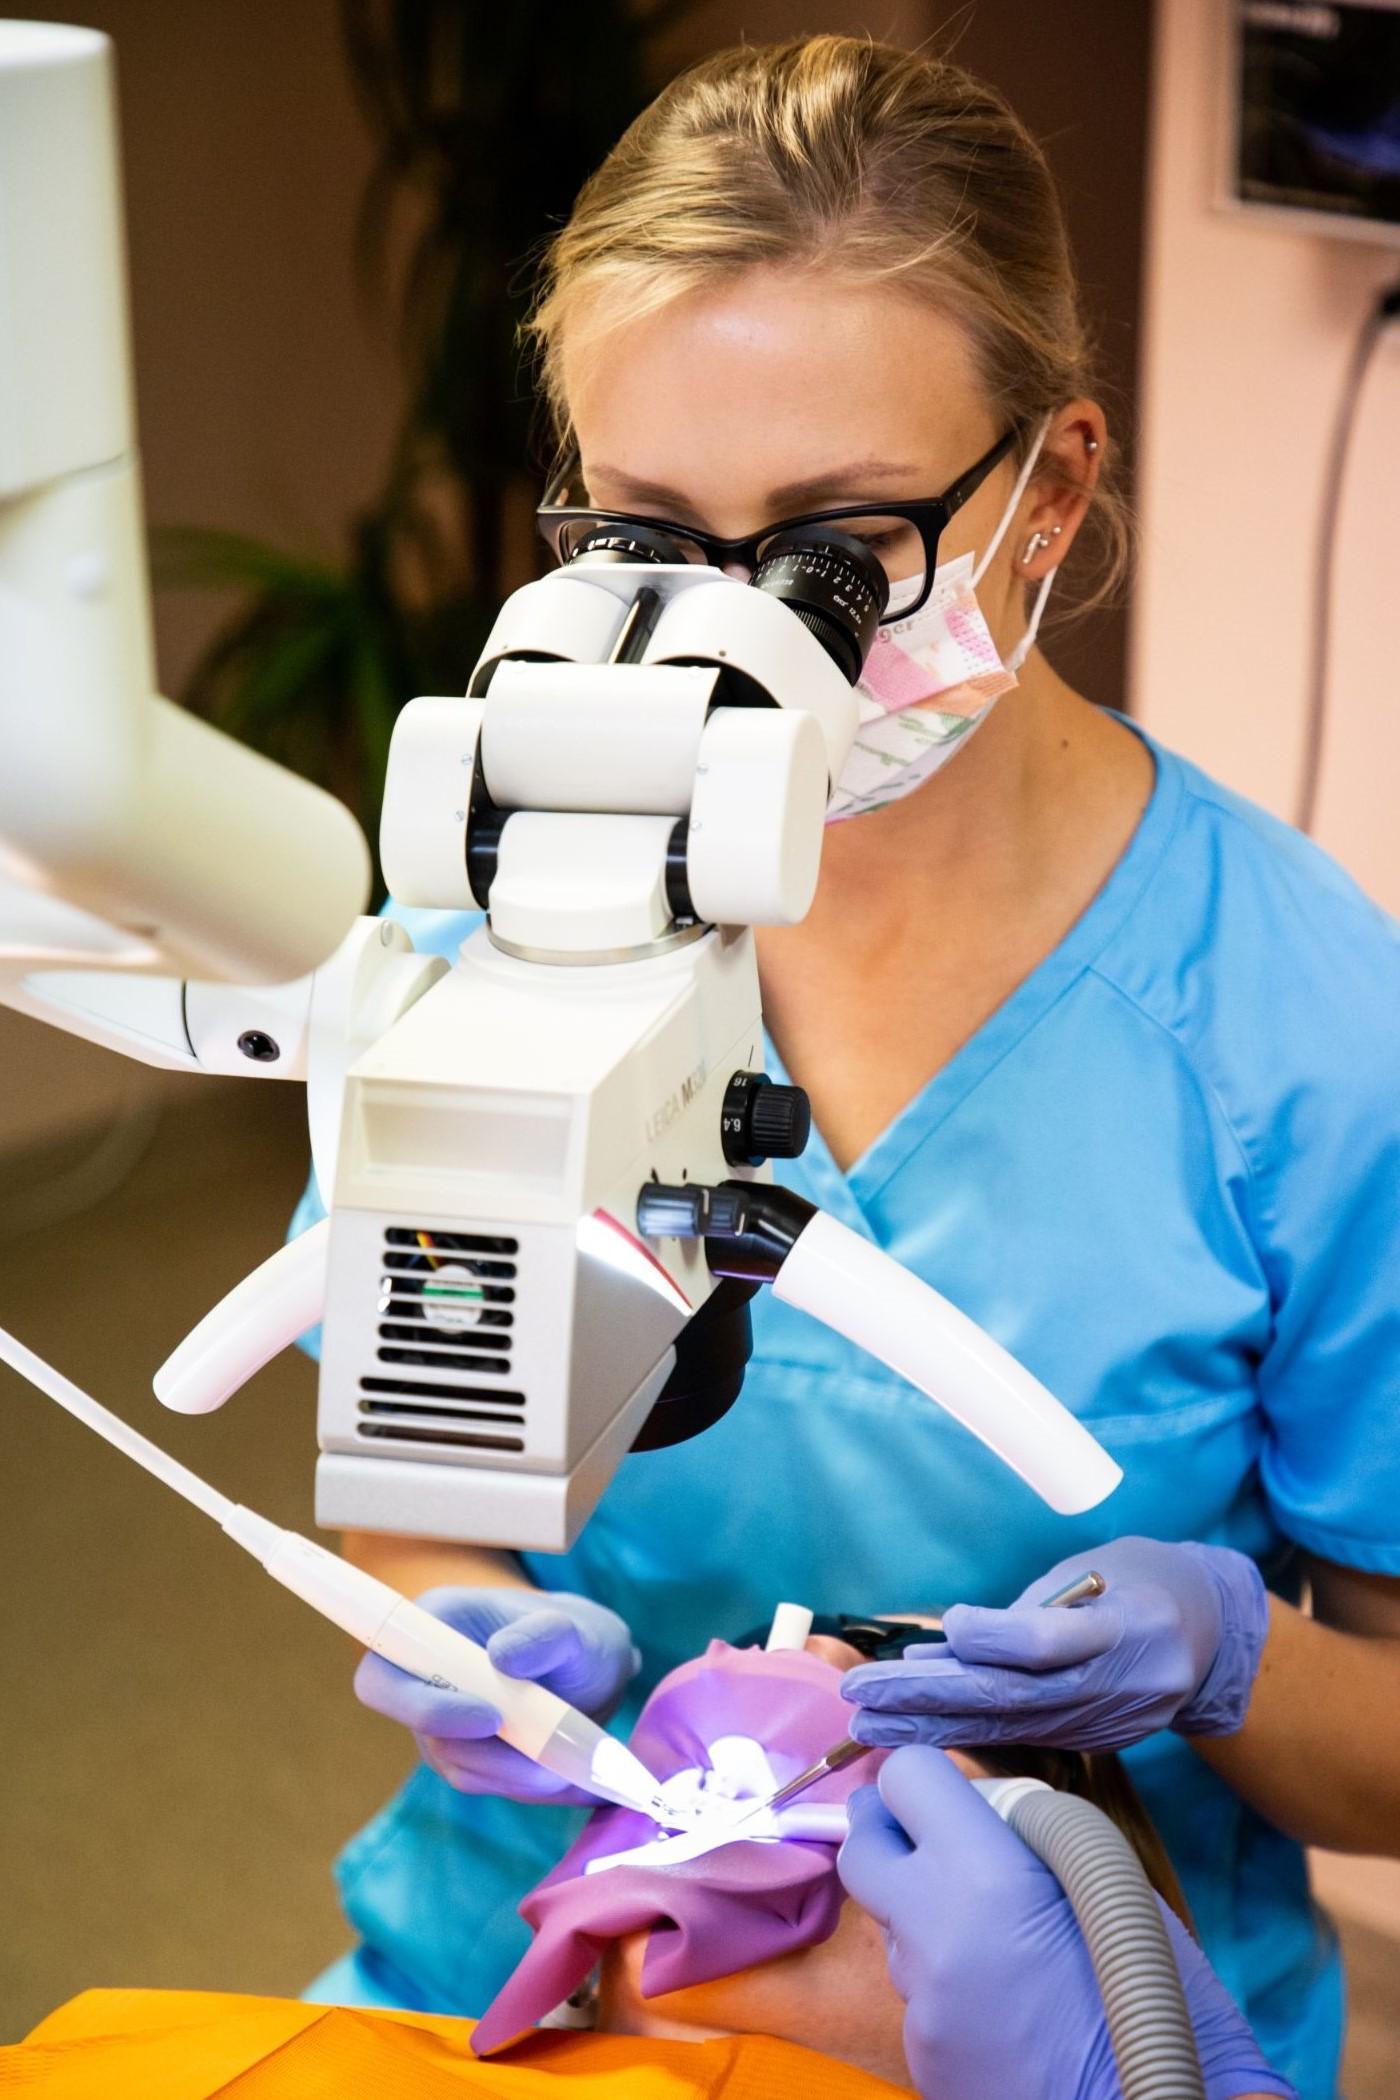 arst mikroskoobiga 3